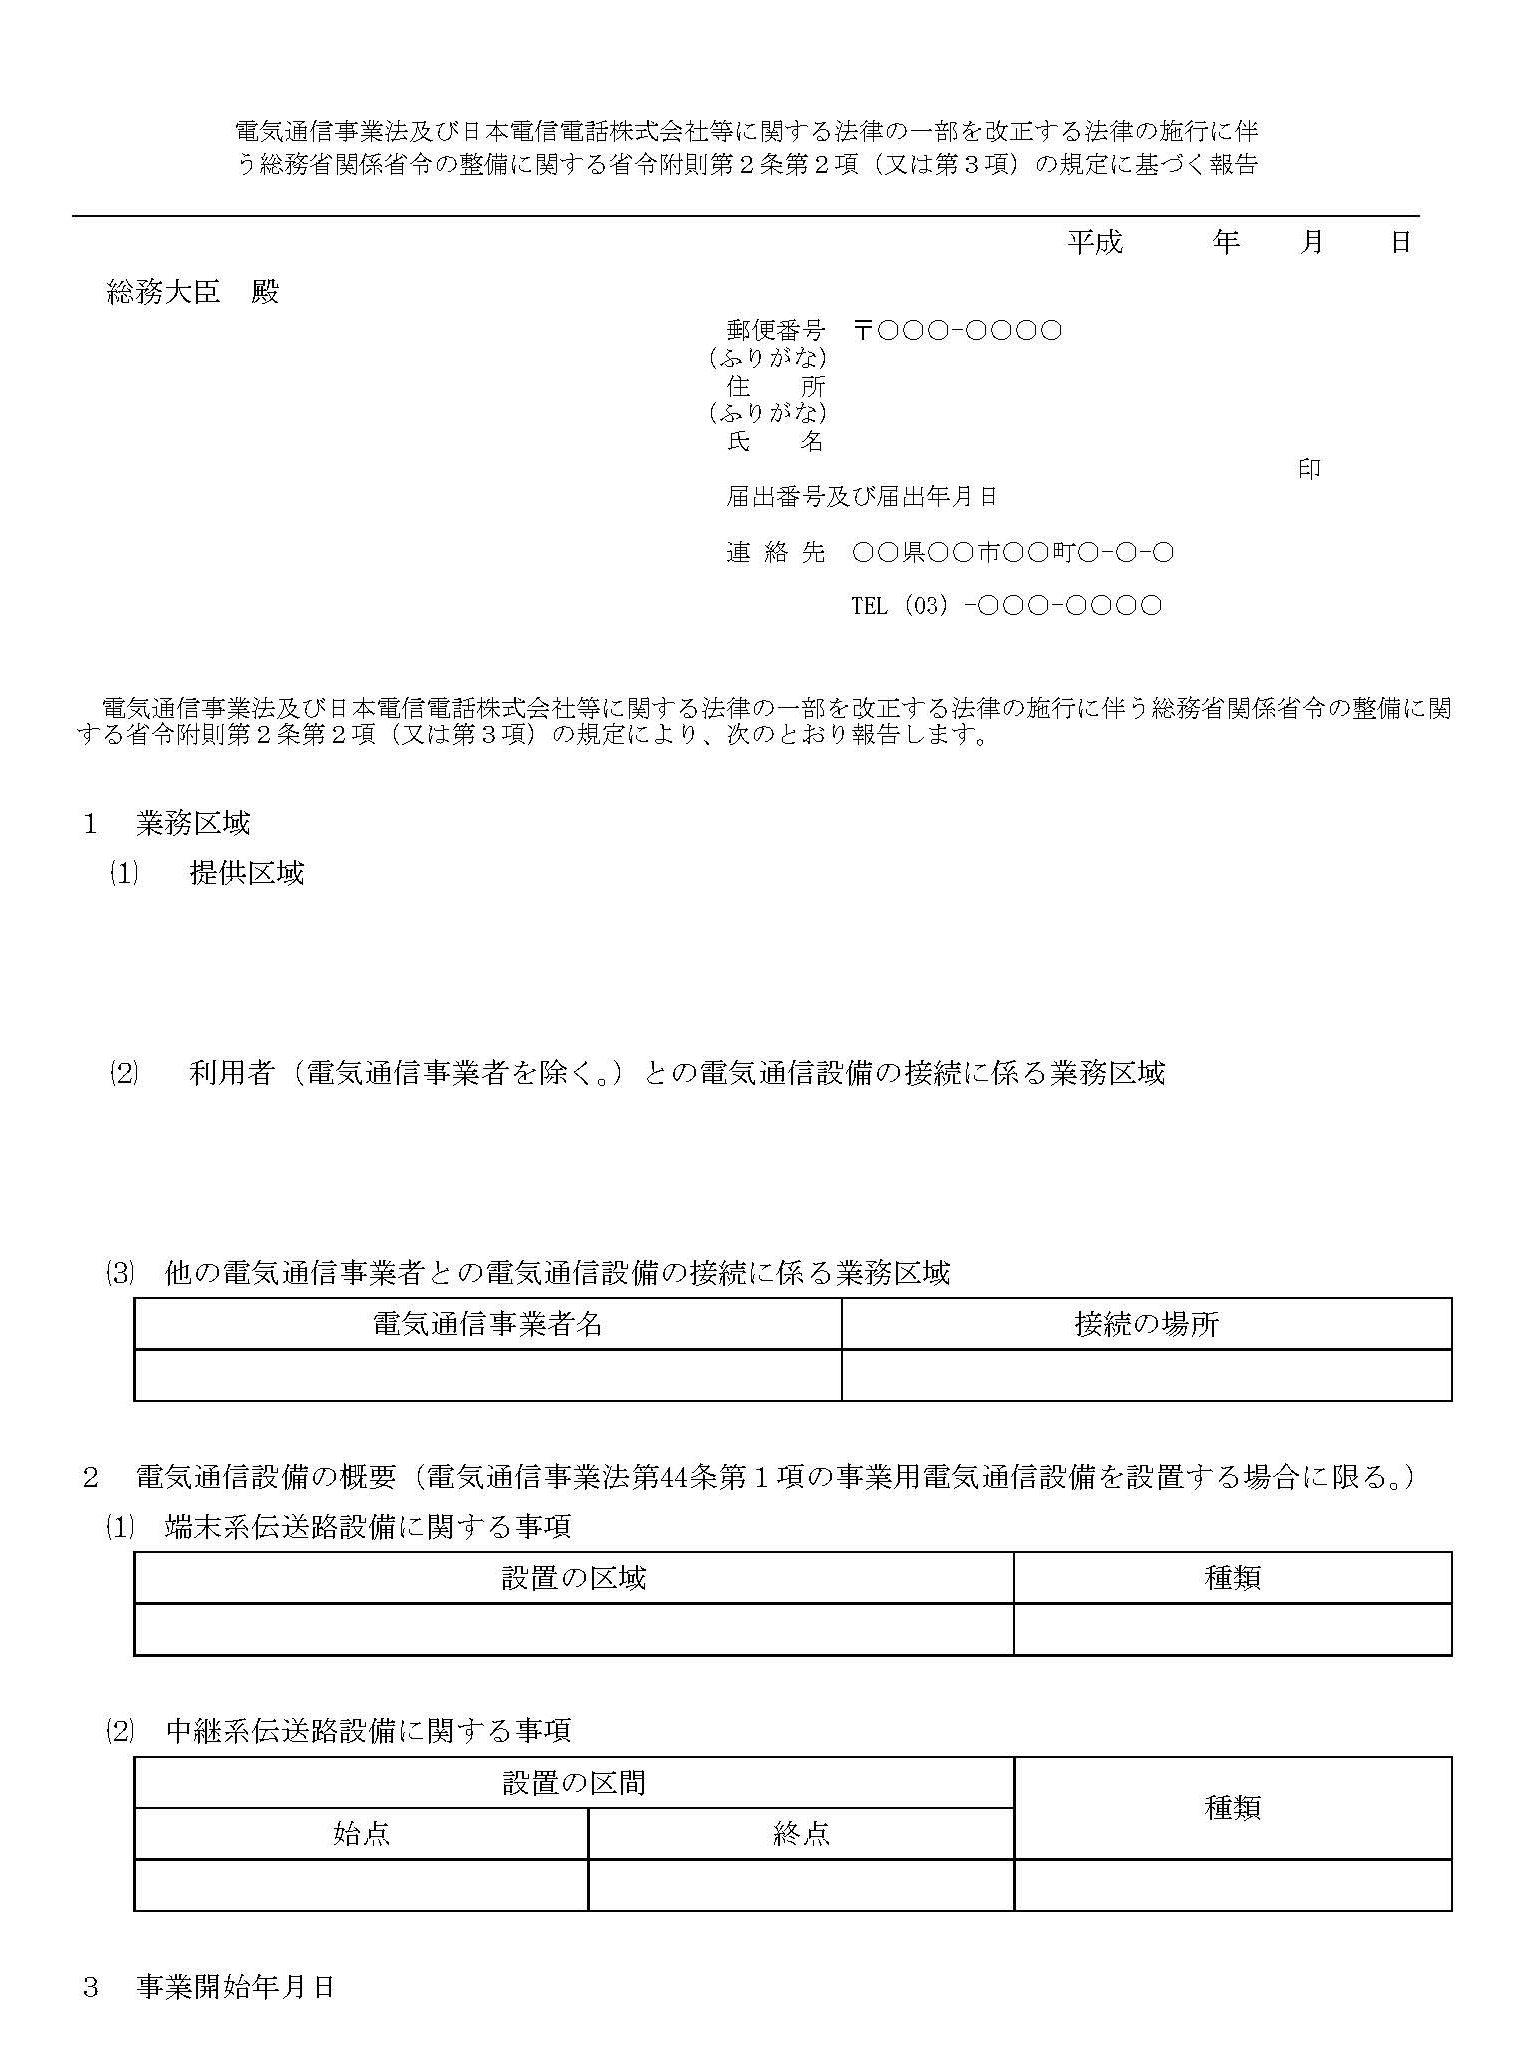 電気通信事業法及び日本電信電のテンプレート書式